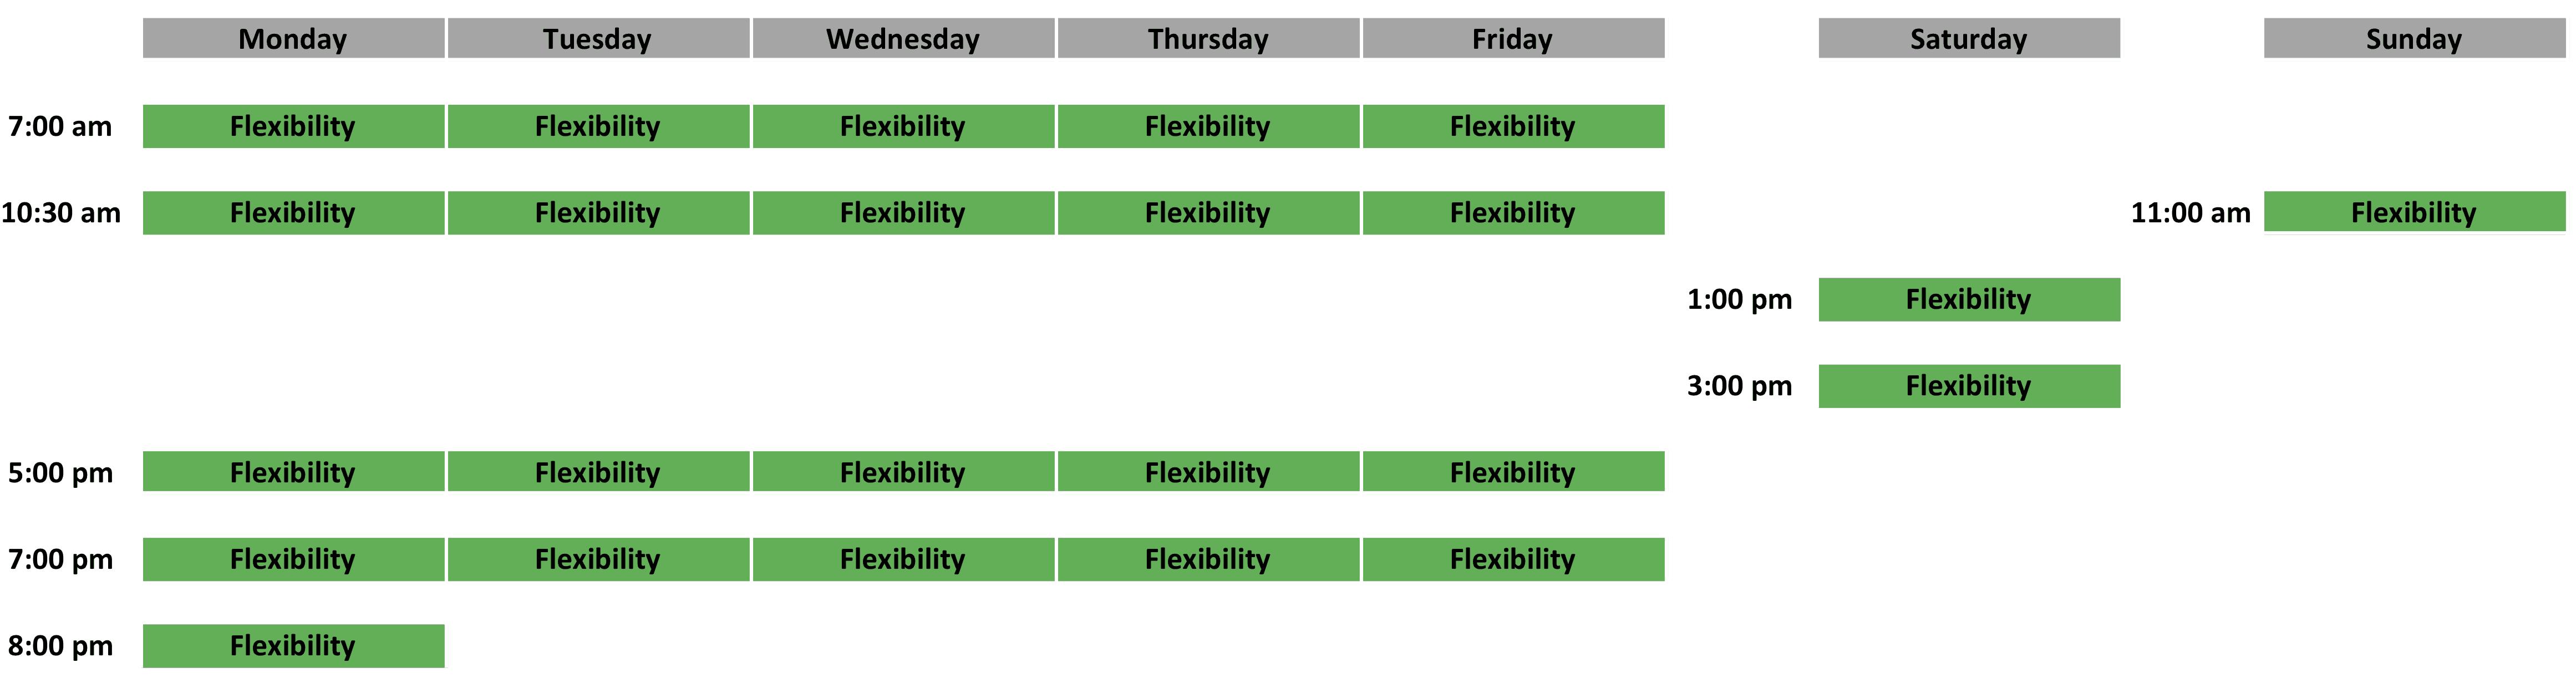 Flexibility Schedule - April 2019